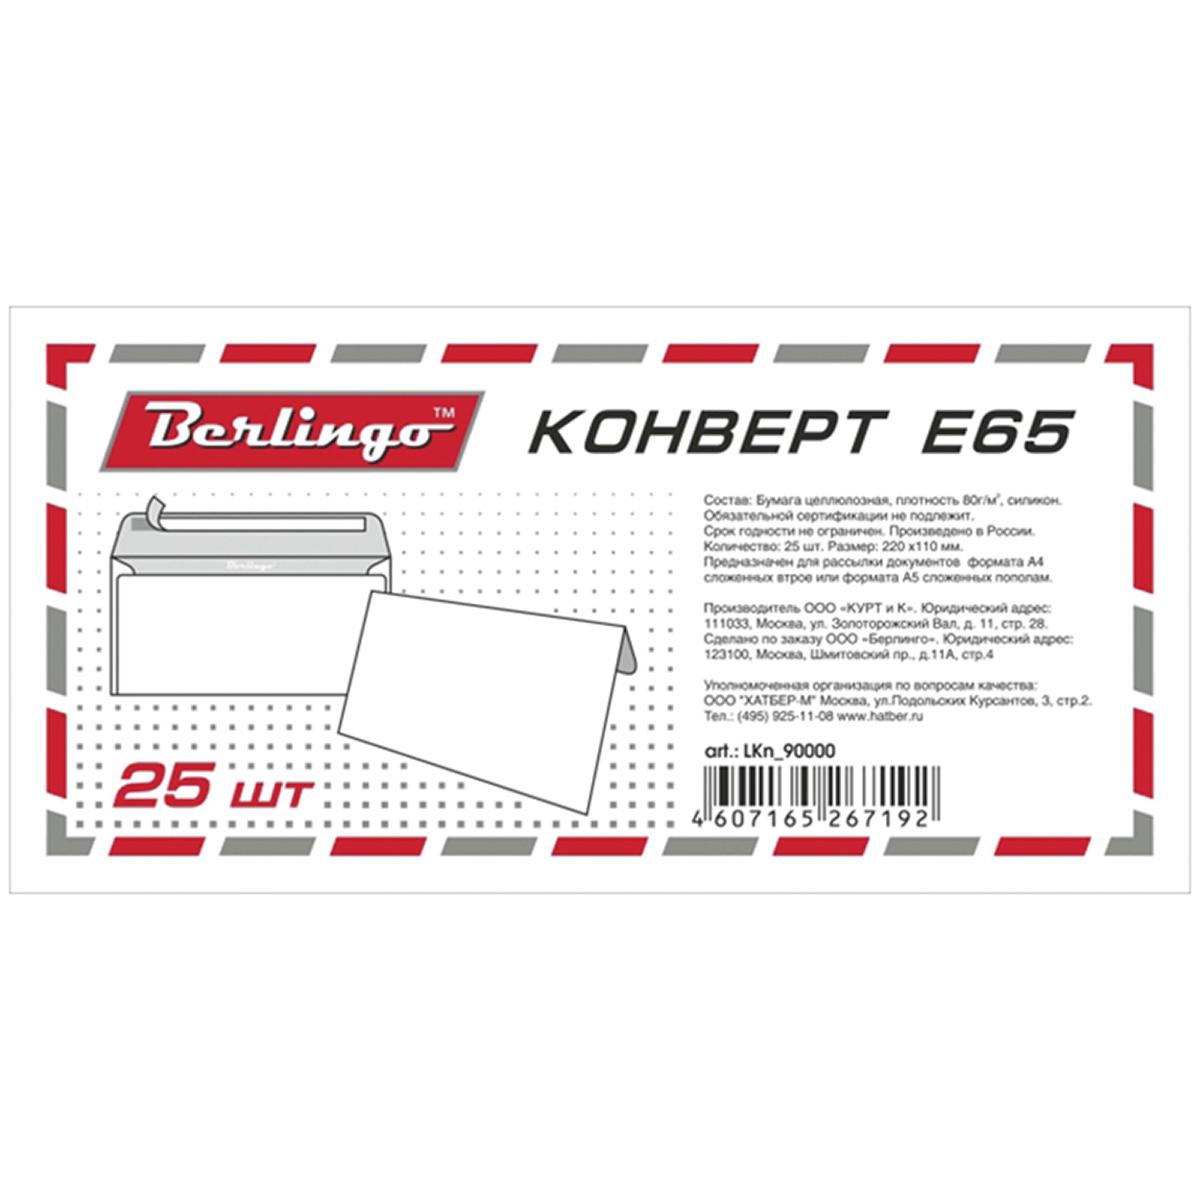 Berlingo Конверт E65 25 шт эффективное дели 3423 5 крафт конверт почтовое отделение стандартный конверт 220 110мм 20 листов одного пакета